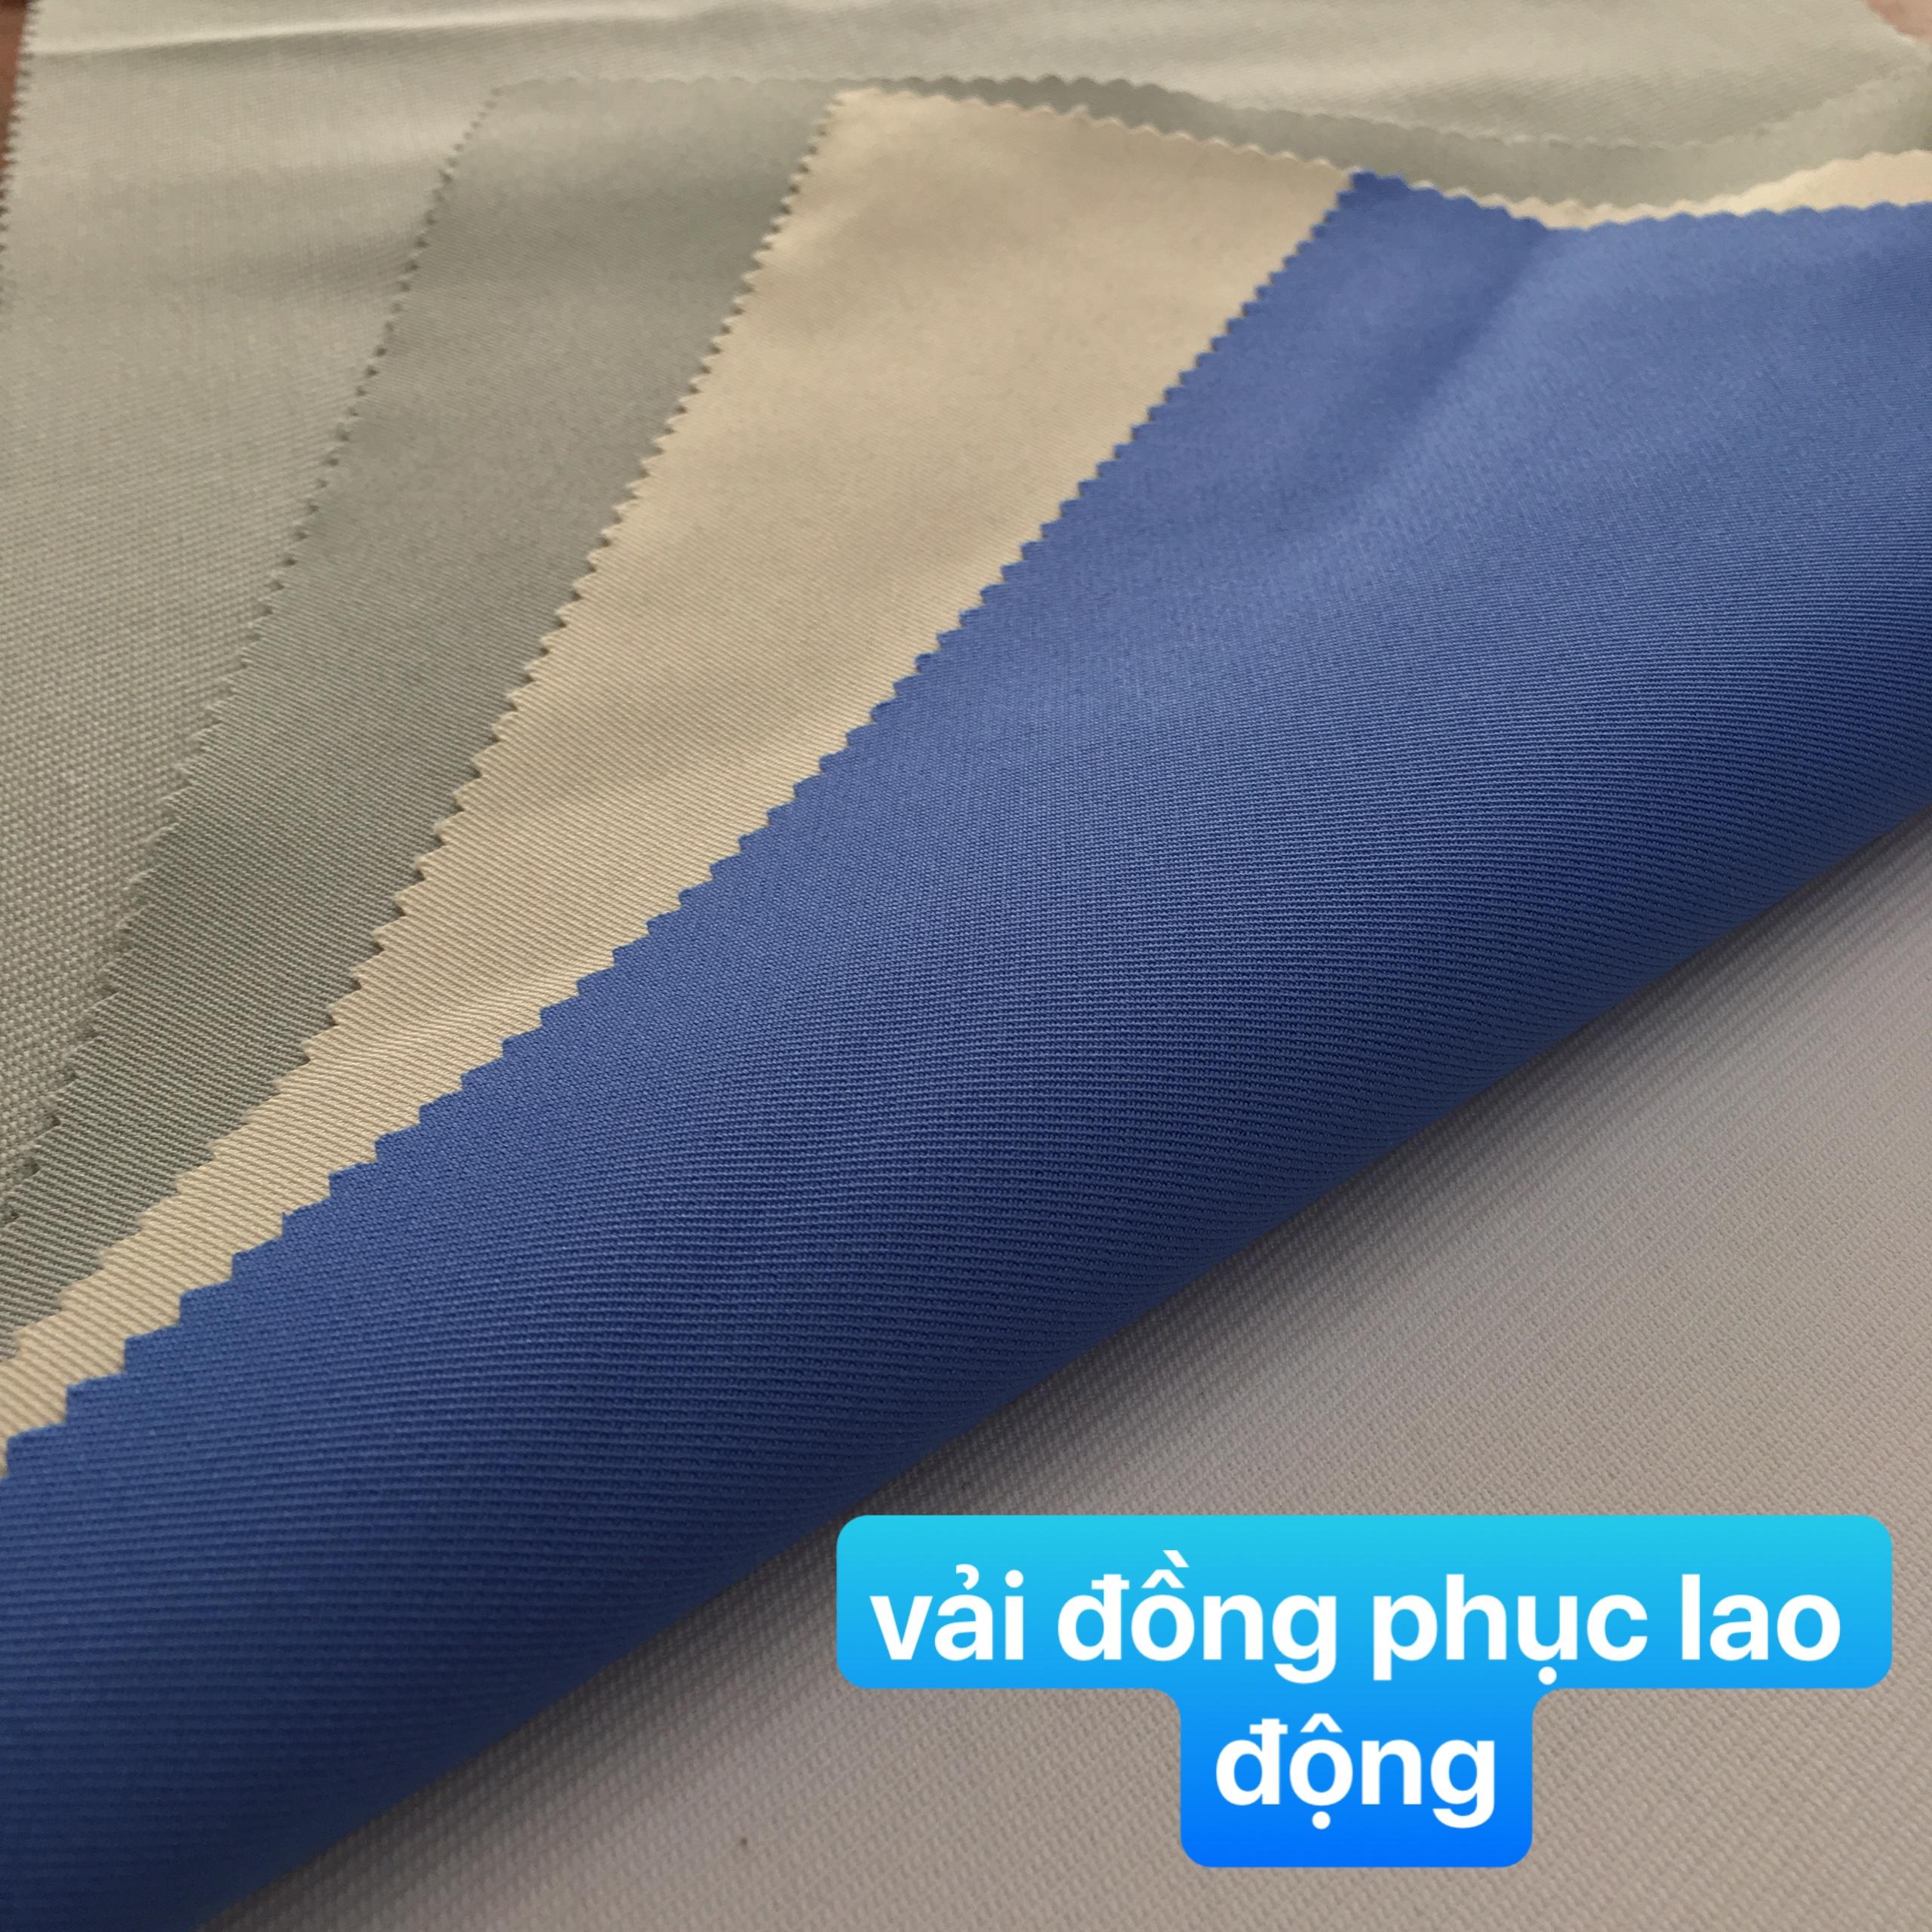 Vải đồng phục lao động